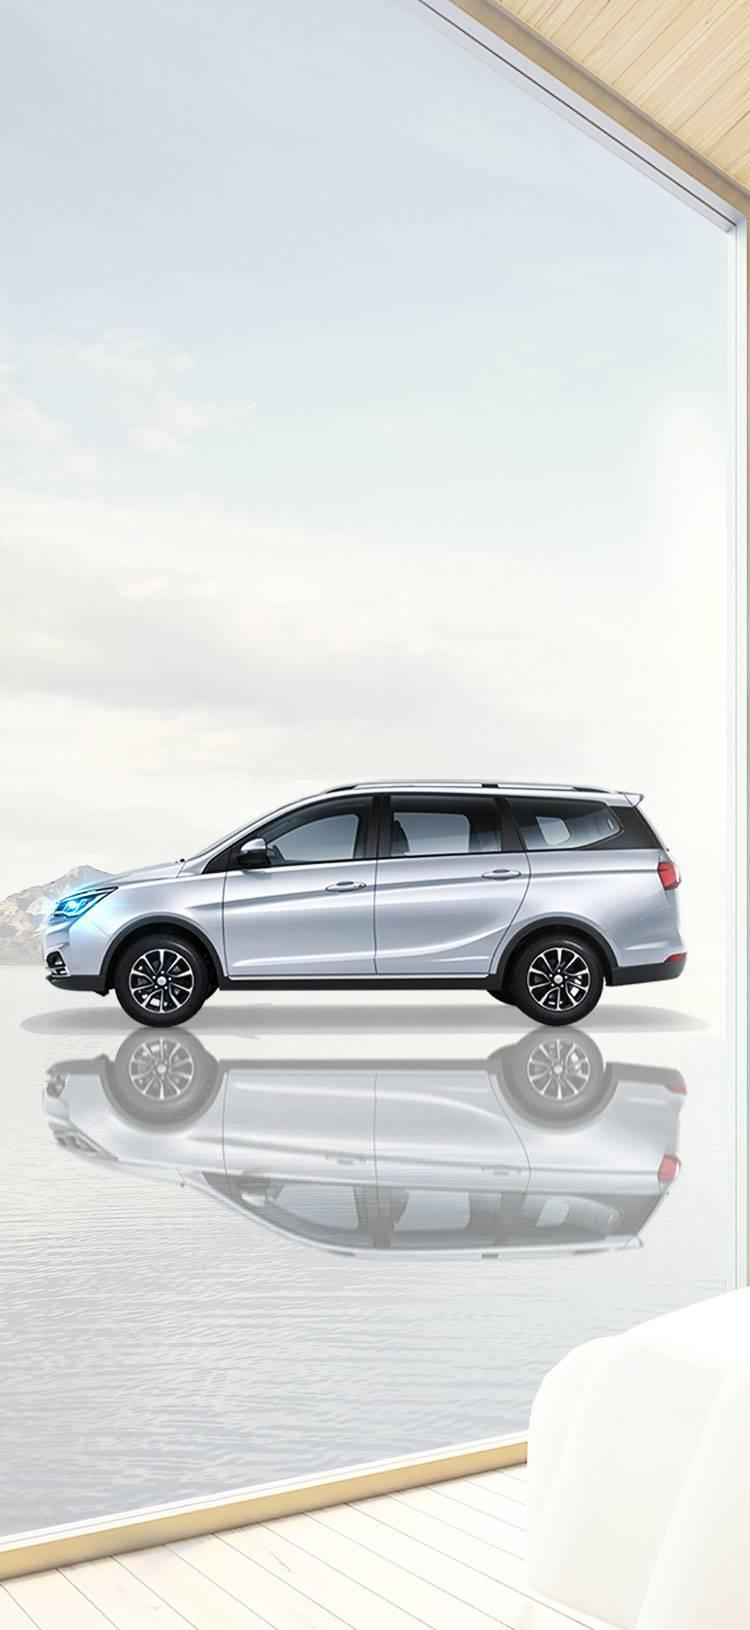 2019款寶(bao)駿(jun)730,新(xin)車(che)型,安全,配置